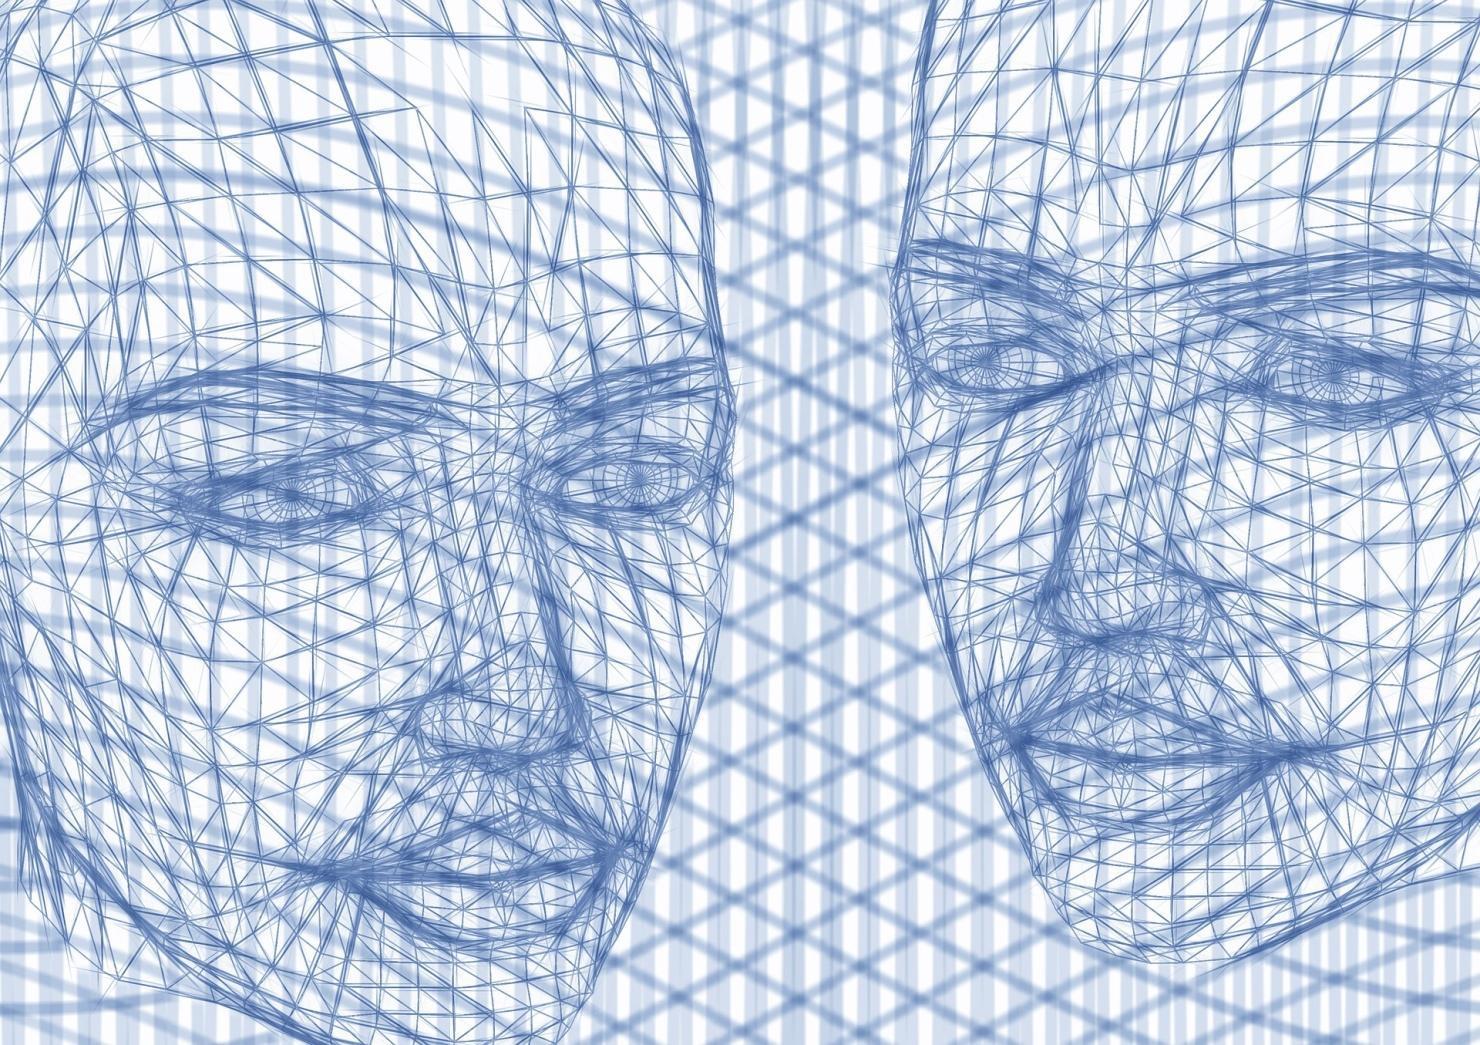 Биометрические технологии в финтехе и банкинге - 4